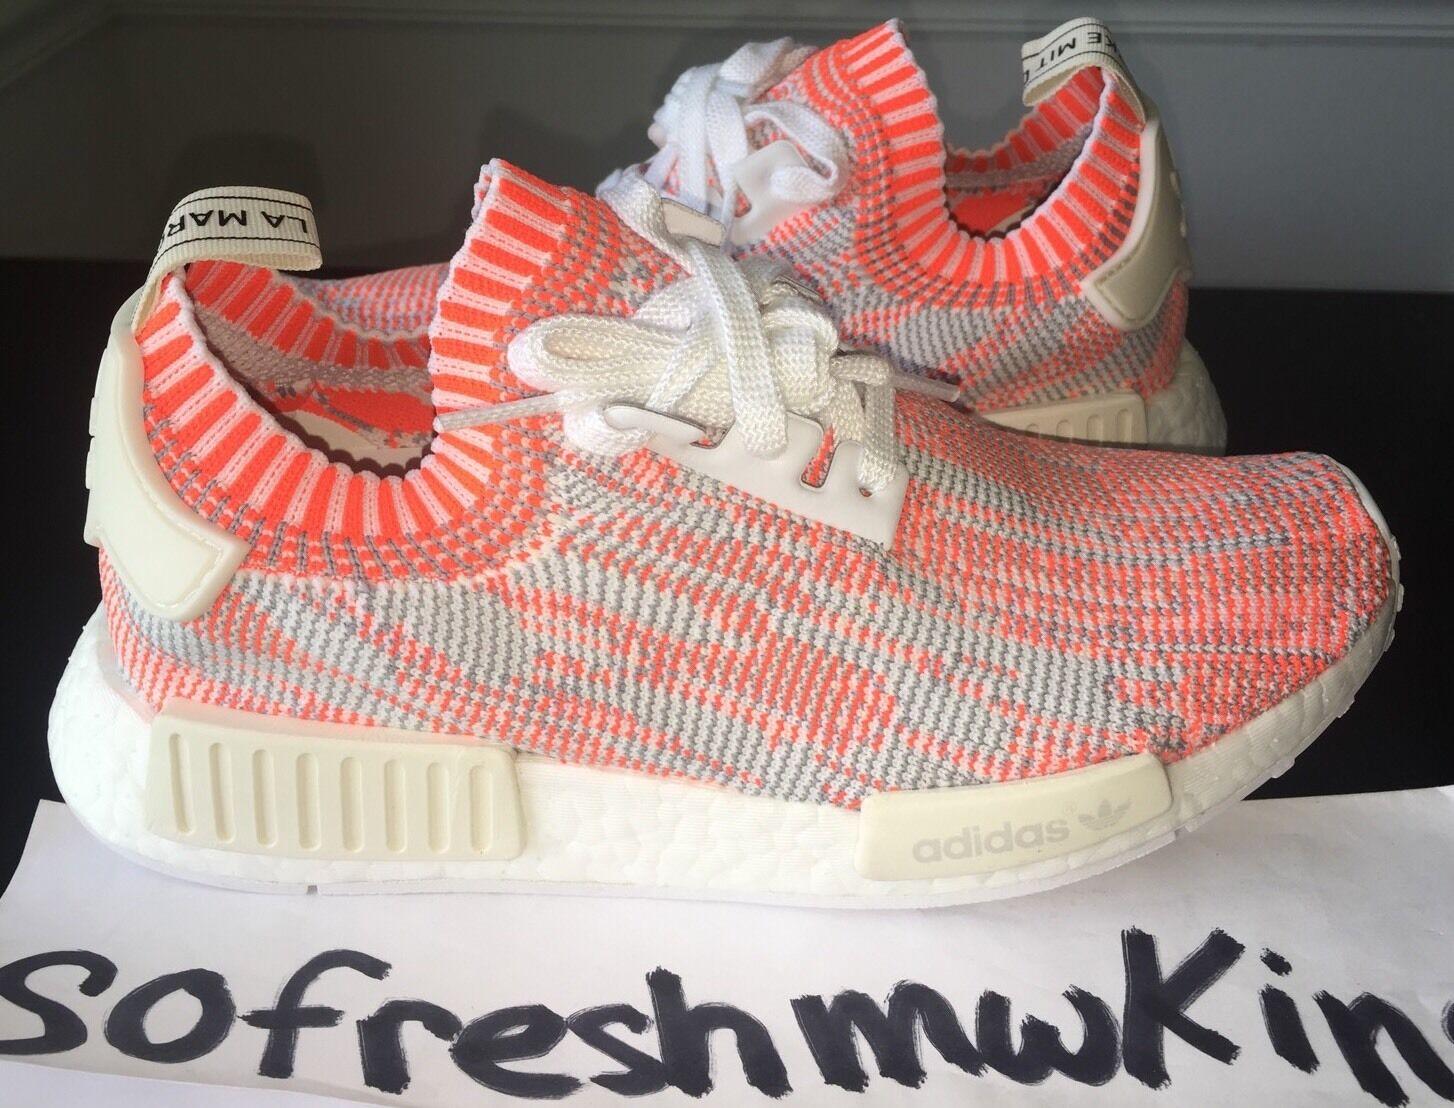 Adidas Nmd R1 Pk White Red Pink Camo Sz 8! Ba8599 Glitch Grey Primeknit Zebra